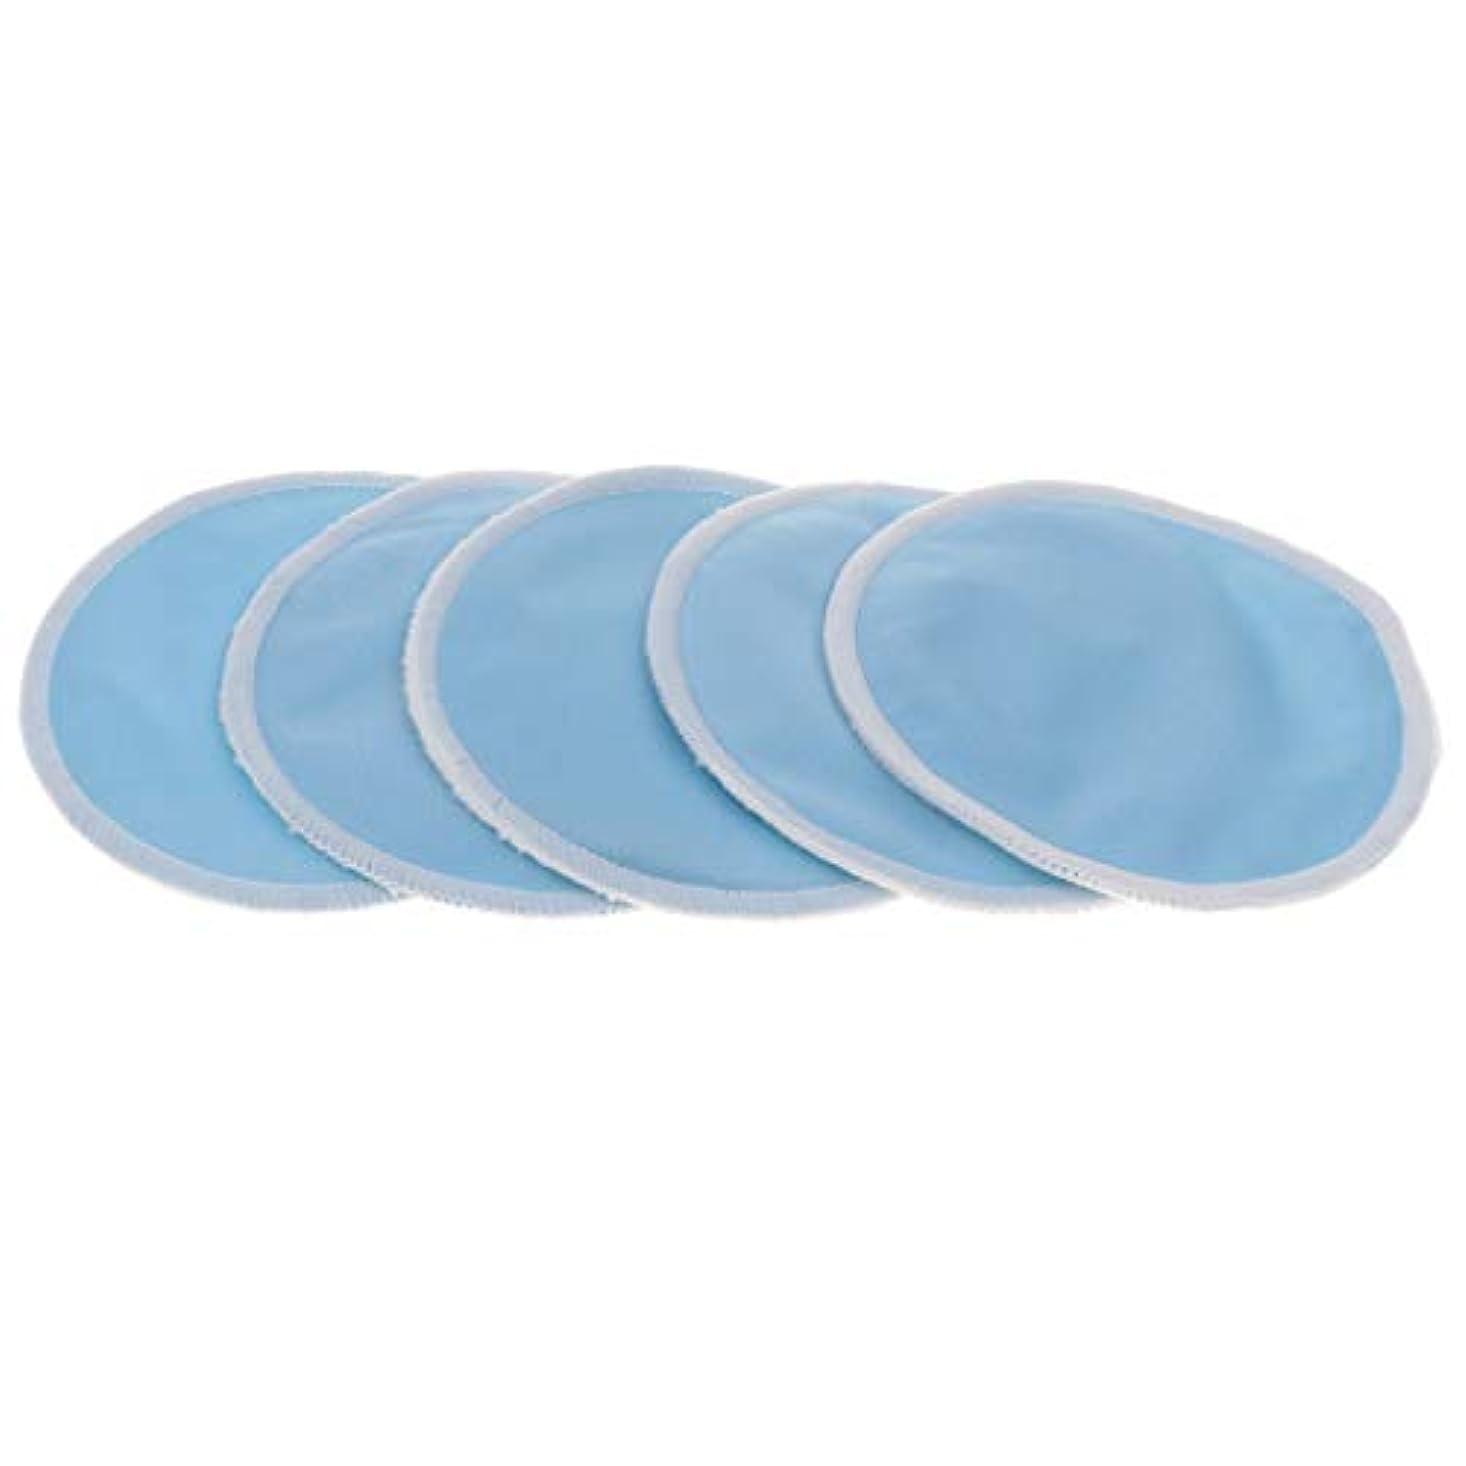 豆腐またね劇場F Fityle 胸パッド クレンジングシート メイクアップ 竹繊維 円形 12cm 洗濯可能 再使用可 5個 全5色 - 青